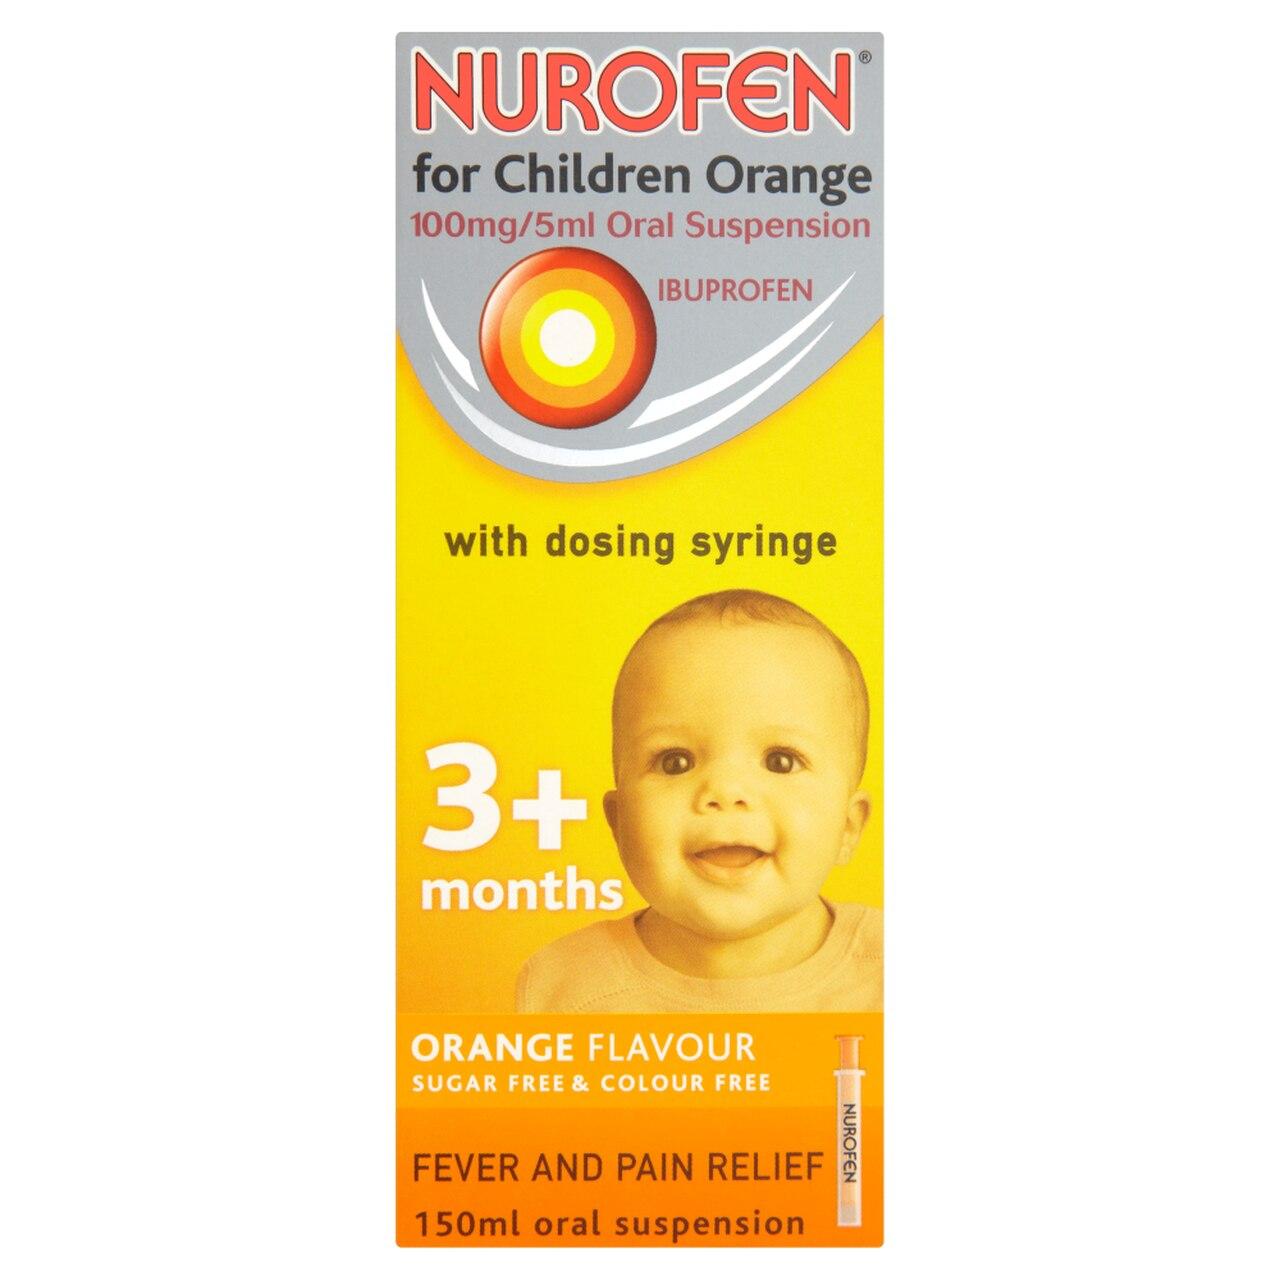 NUROFEN FOR CHILDREN 100MG 5ML ORANGE 150ML